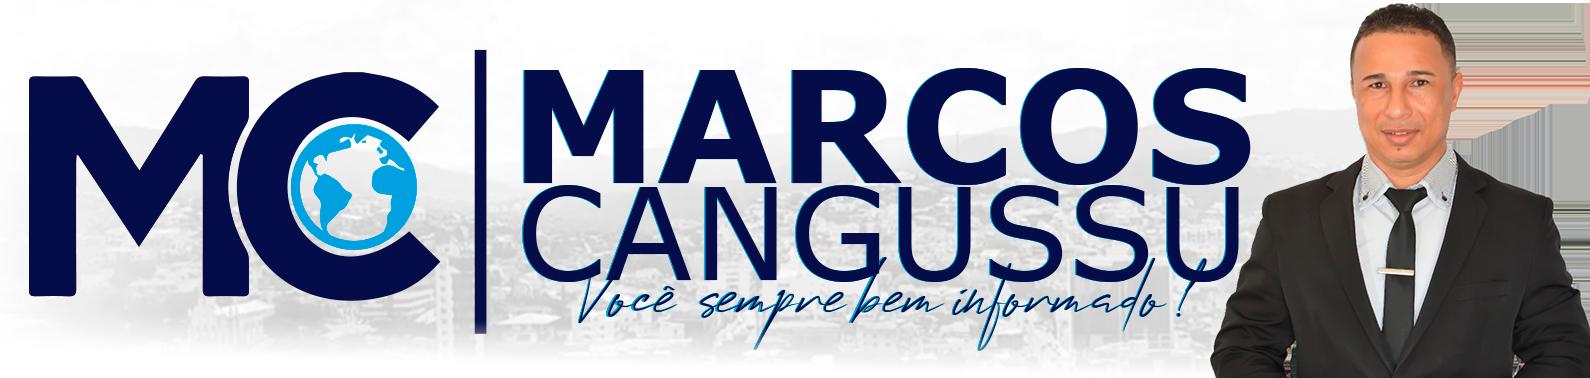 Marcos Cangussu